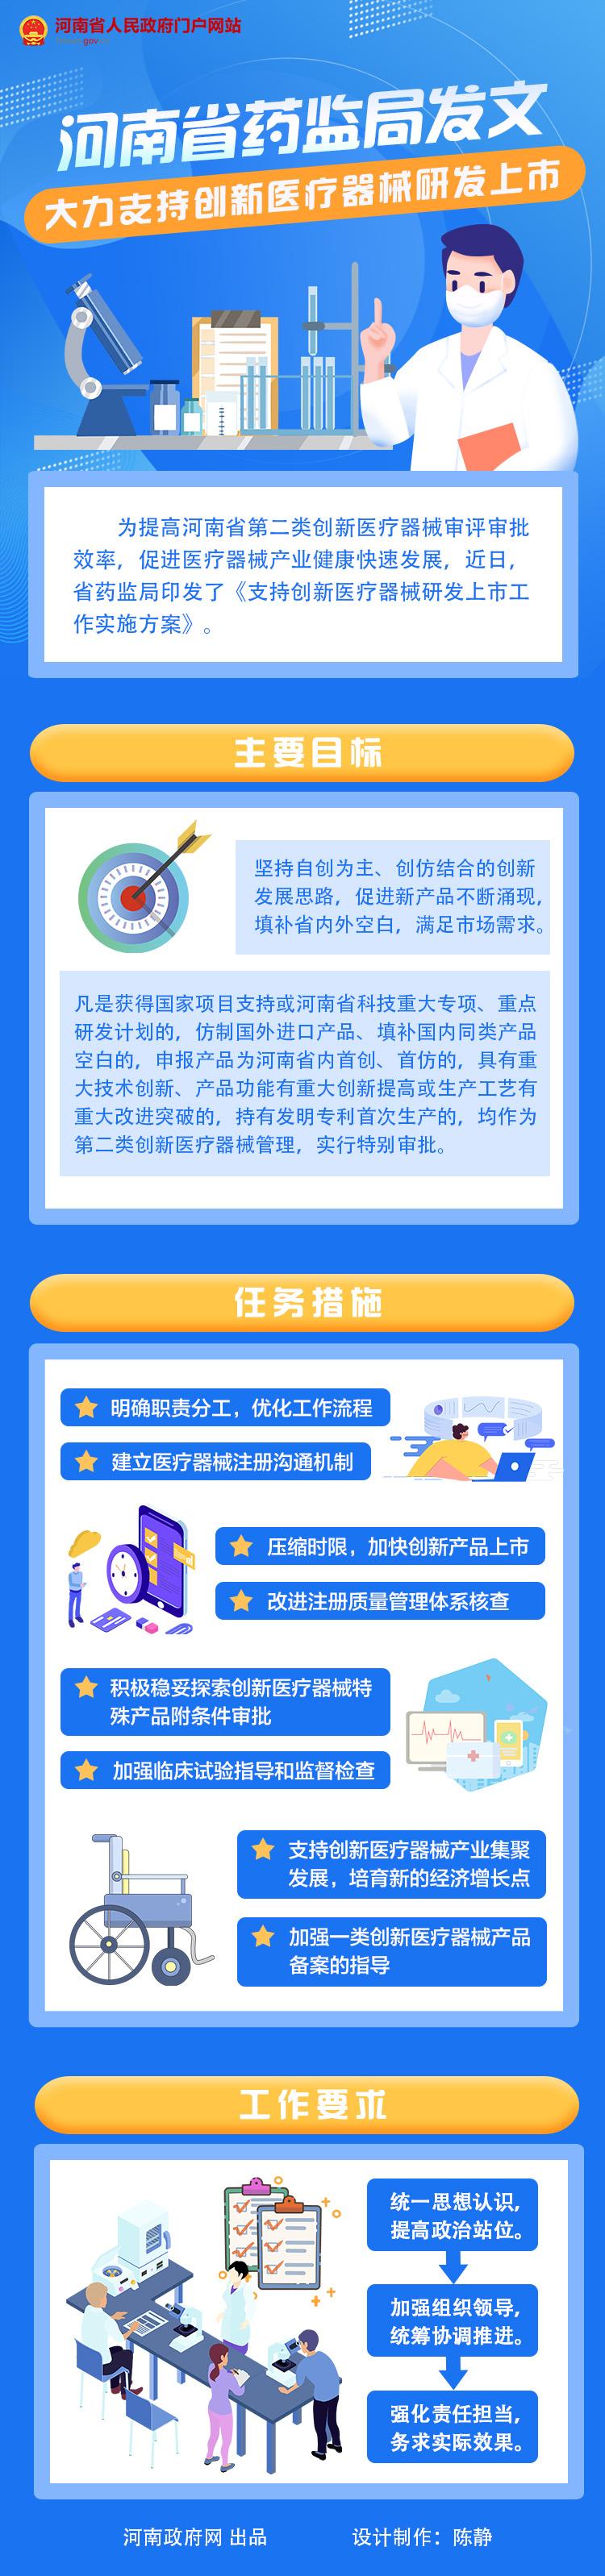 图解:河南省药监局发文 大力支持创新医疗器械研发上市